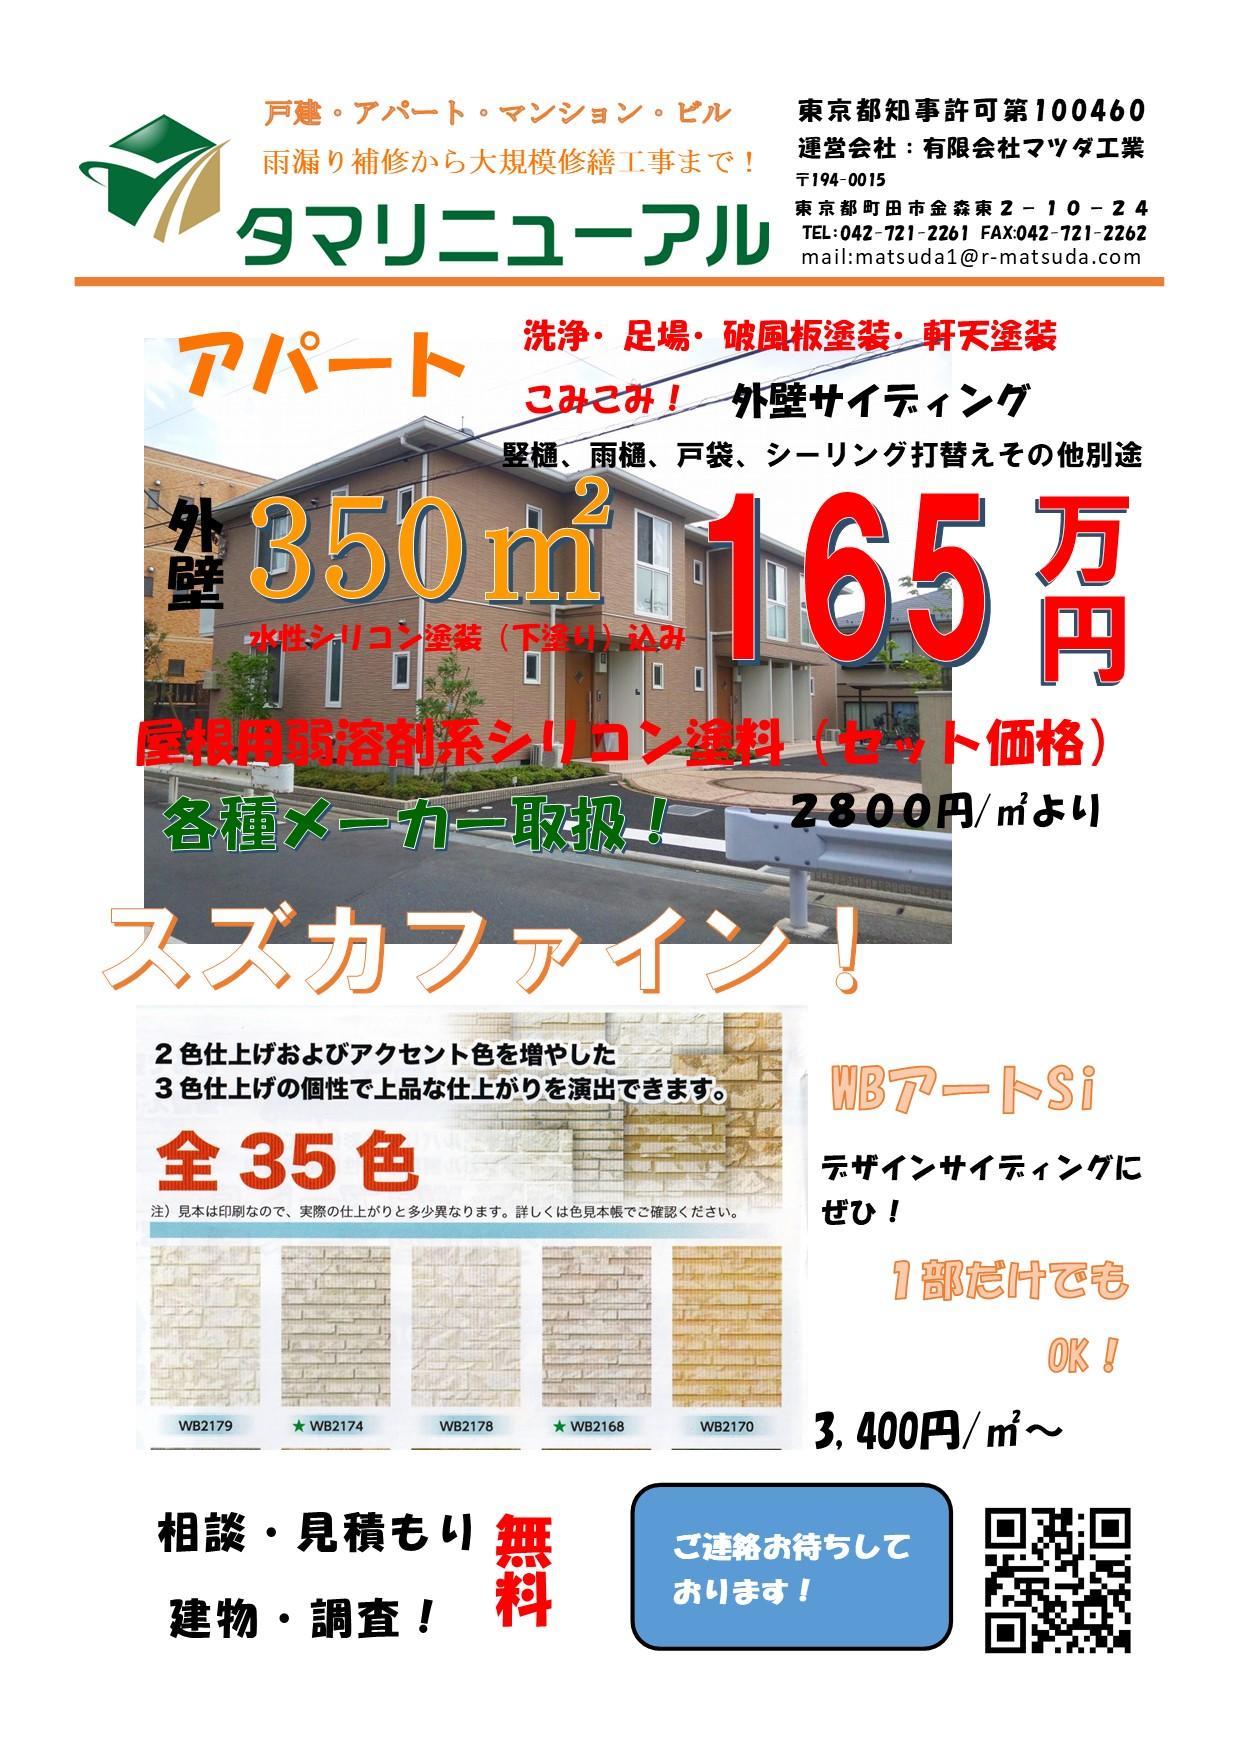 アパート・マンション改修、外壁塗装!